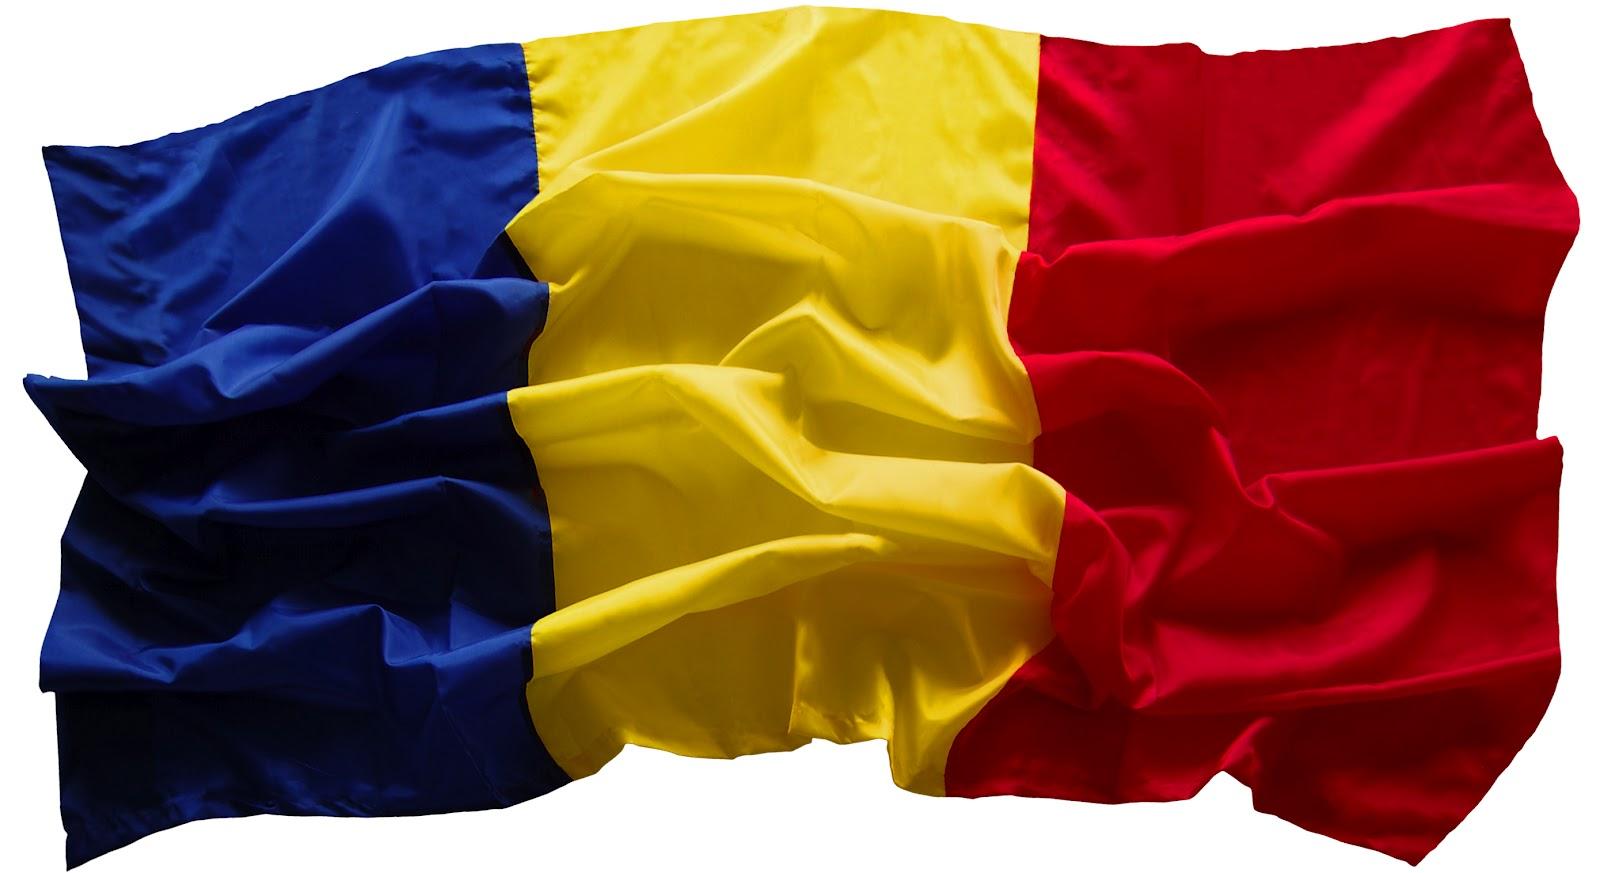 stiati_ca_ziua_drapelului_national